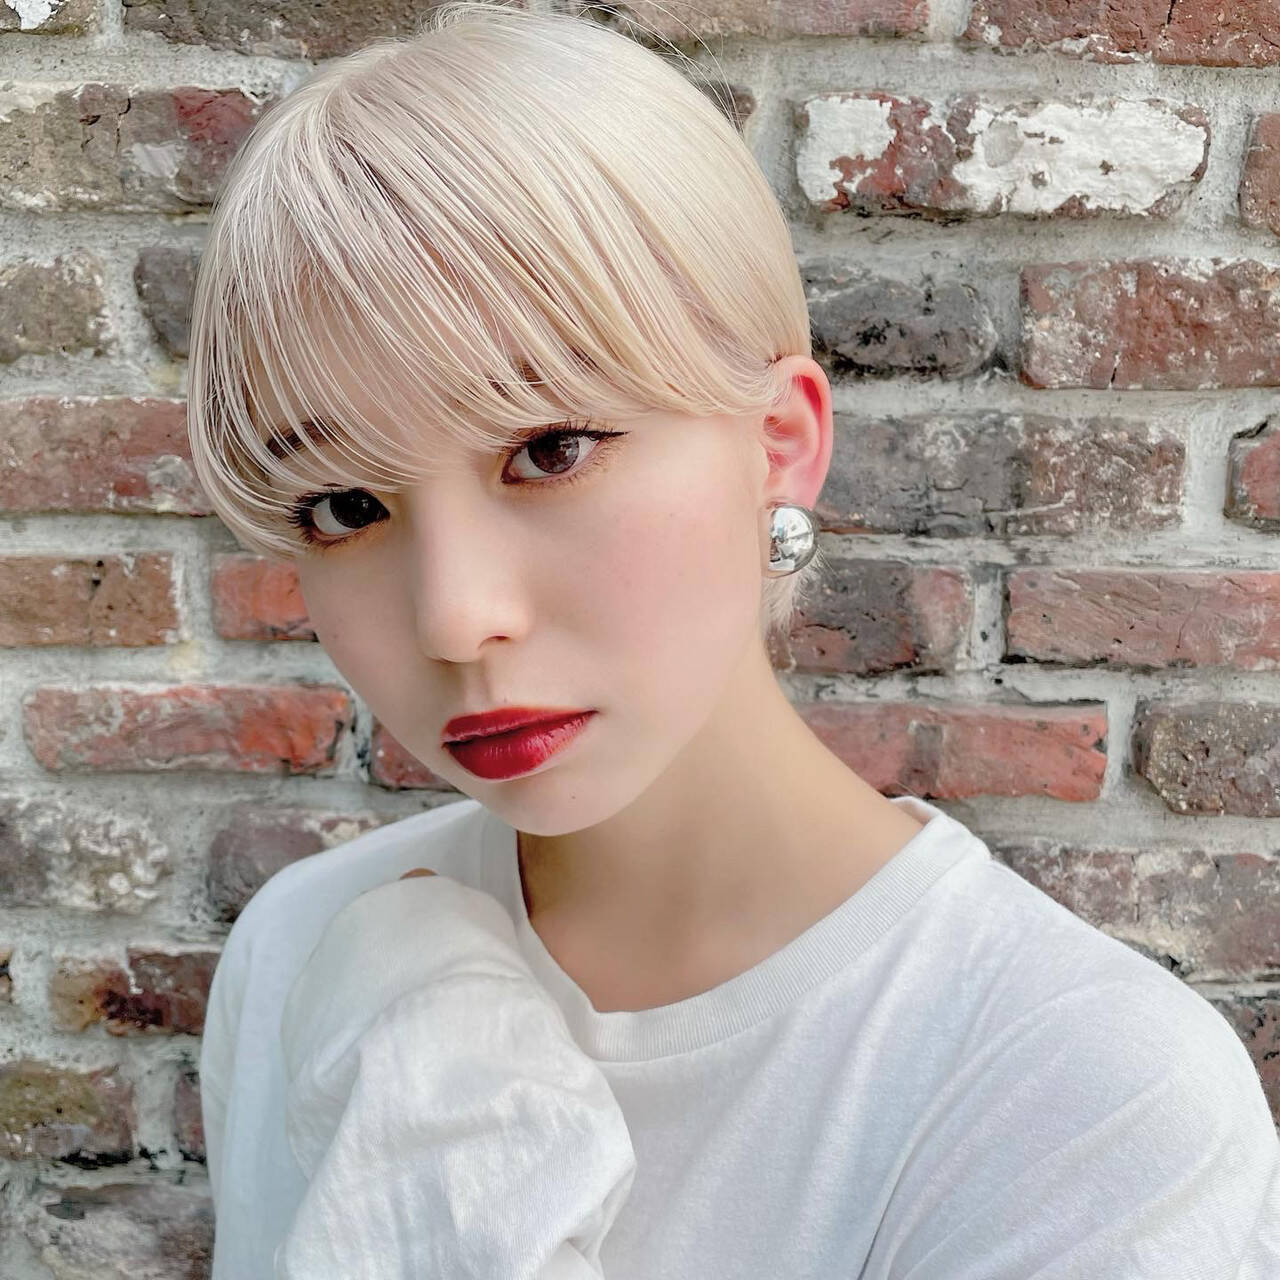 プラチナブロンド ブリーチオンカラー ショート ホワイトカラーヘアスタイルや髪型の写真・画像